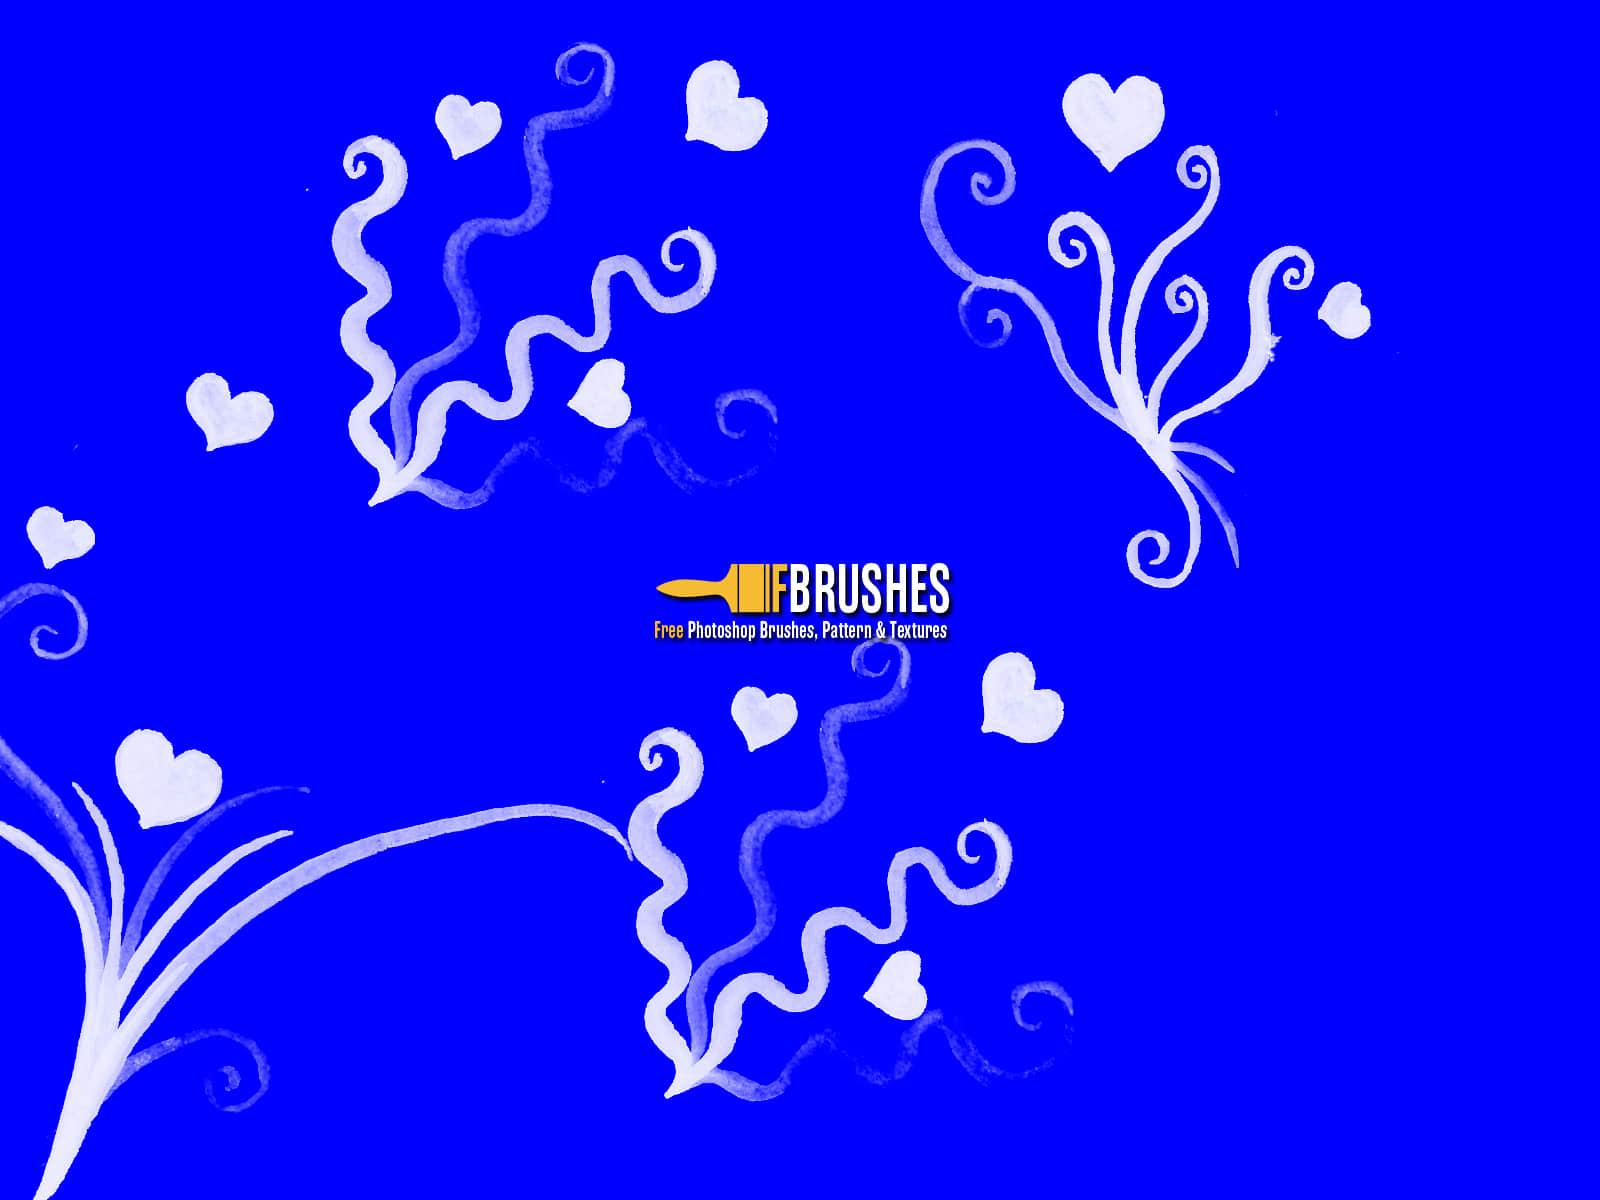 童趣涂鸦爱心花纹PS爱情纹饰笔刷 童趣笔刷 爱情笔刷 爱心笔刷 植物花纹笔刷 情人节笔刷  adornment brushes flowers brushes love brushes